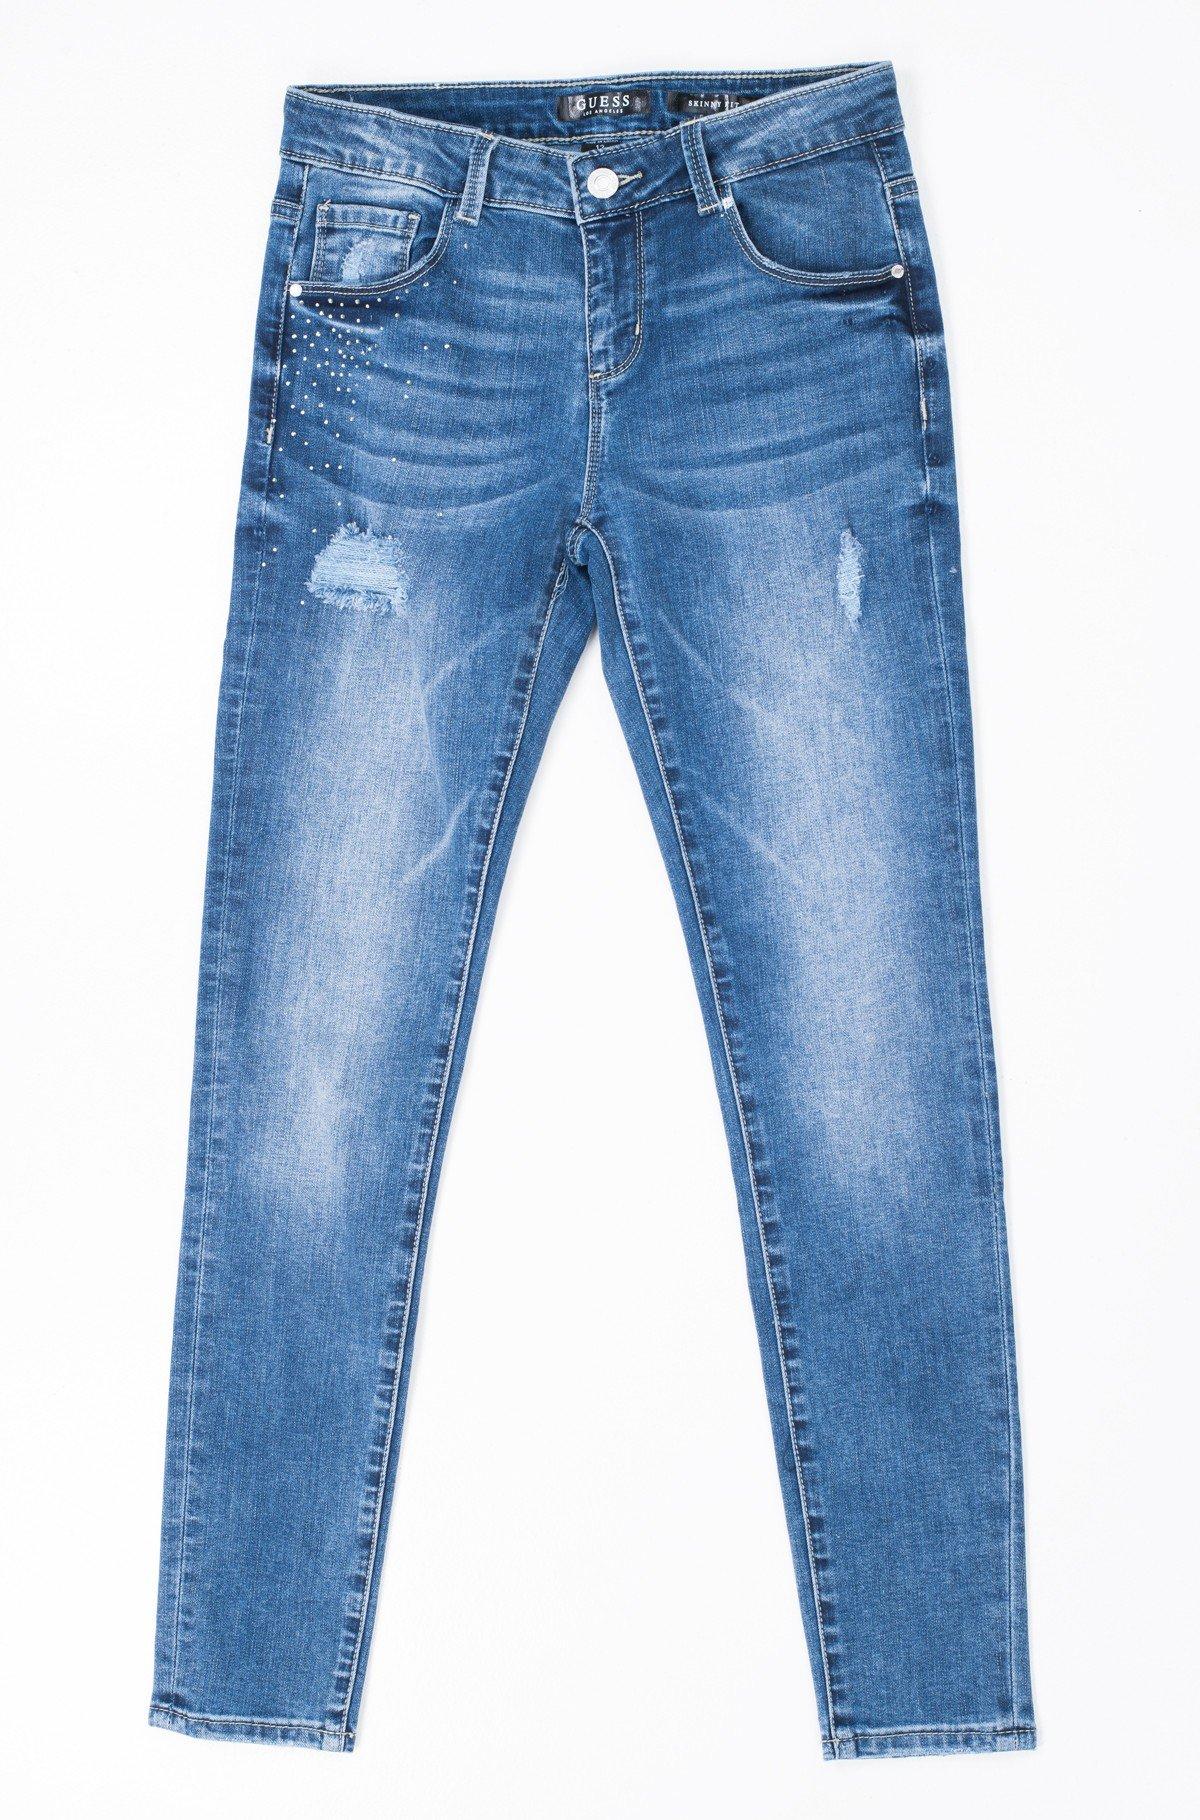 Kids jeans J92A00 D3G30-full-1